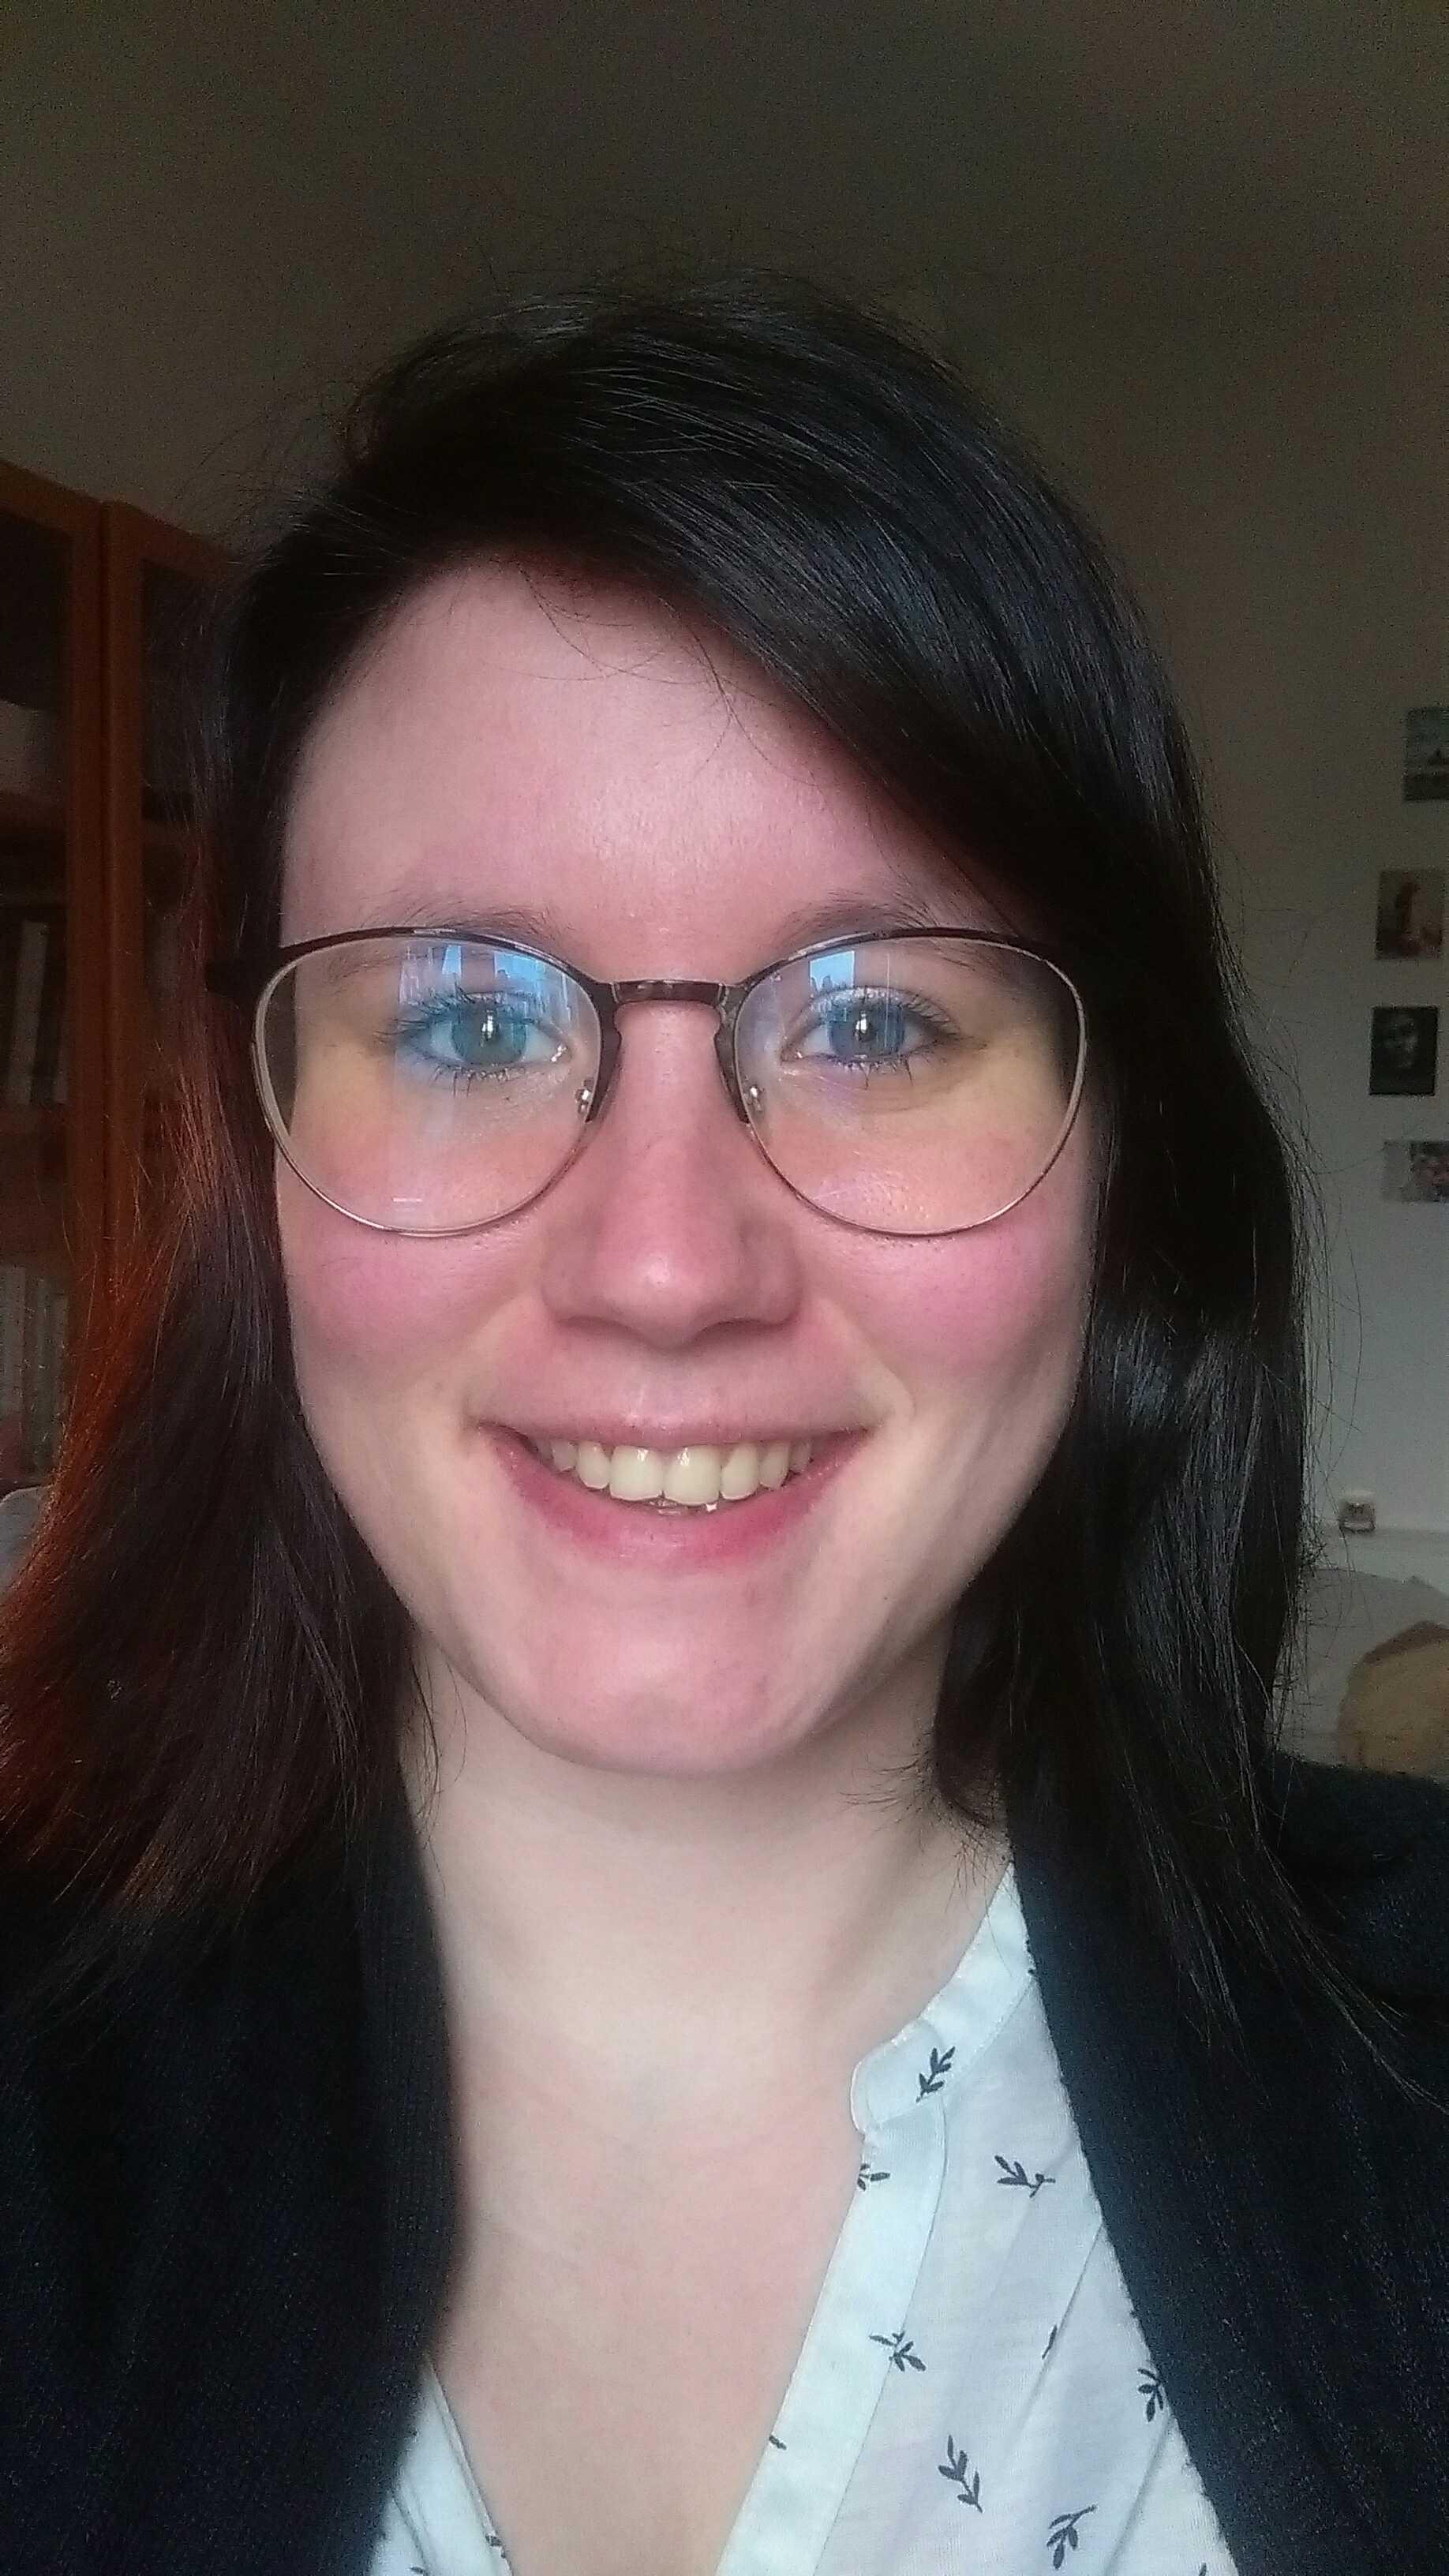 Julie, rédactrice web freelance et fondatrice de La Plume de Lyly, est l'entrepreneure de la vraie vie invitée de La Vraie Dose 50